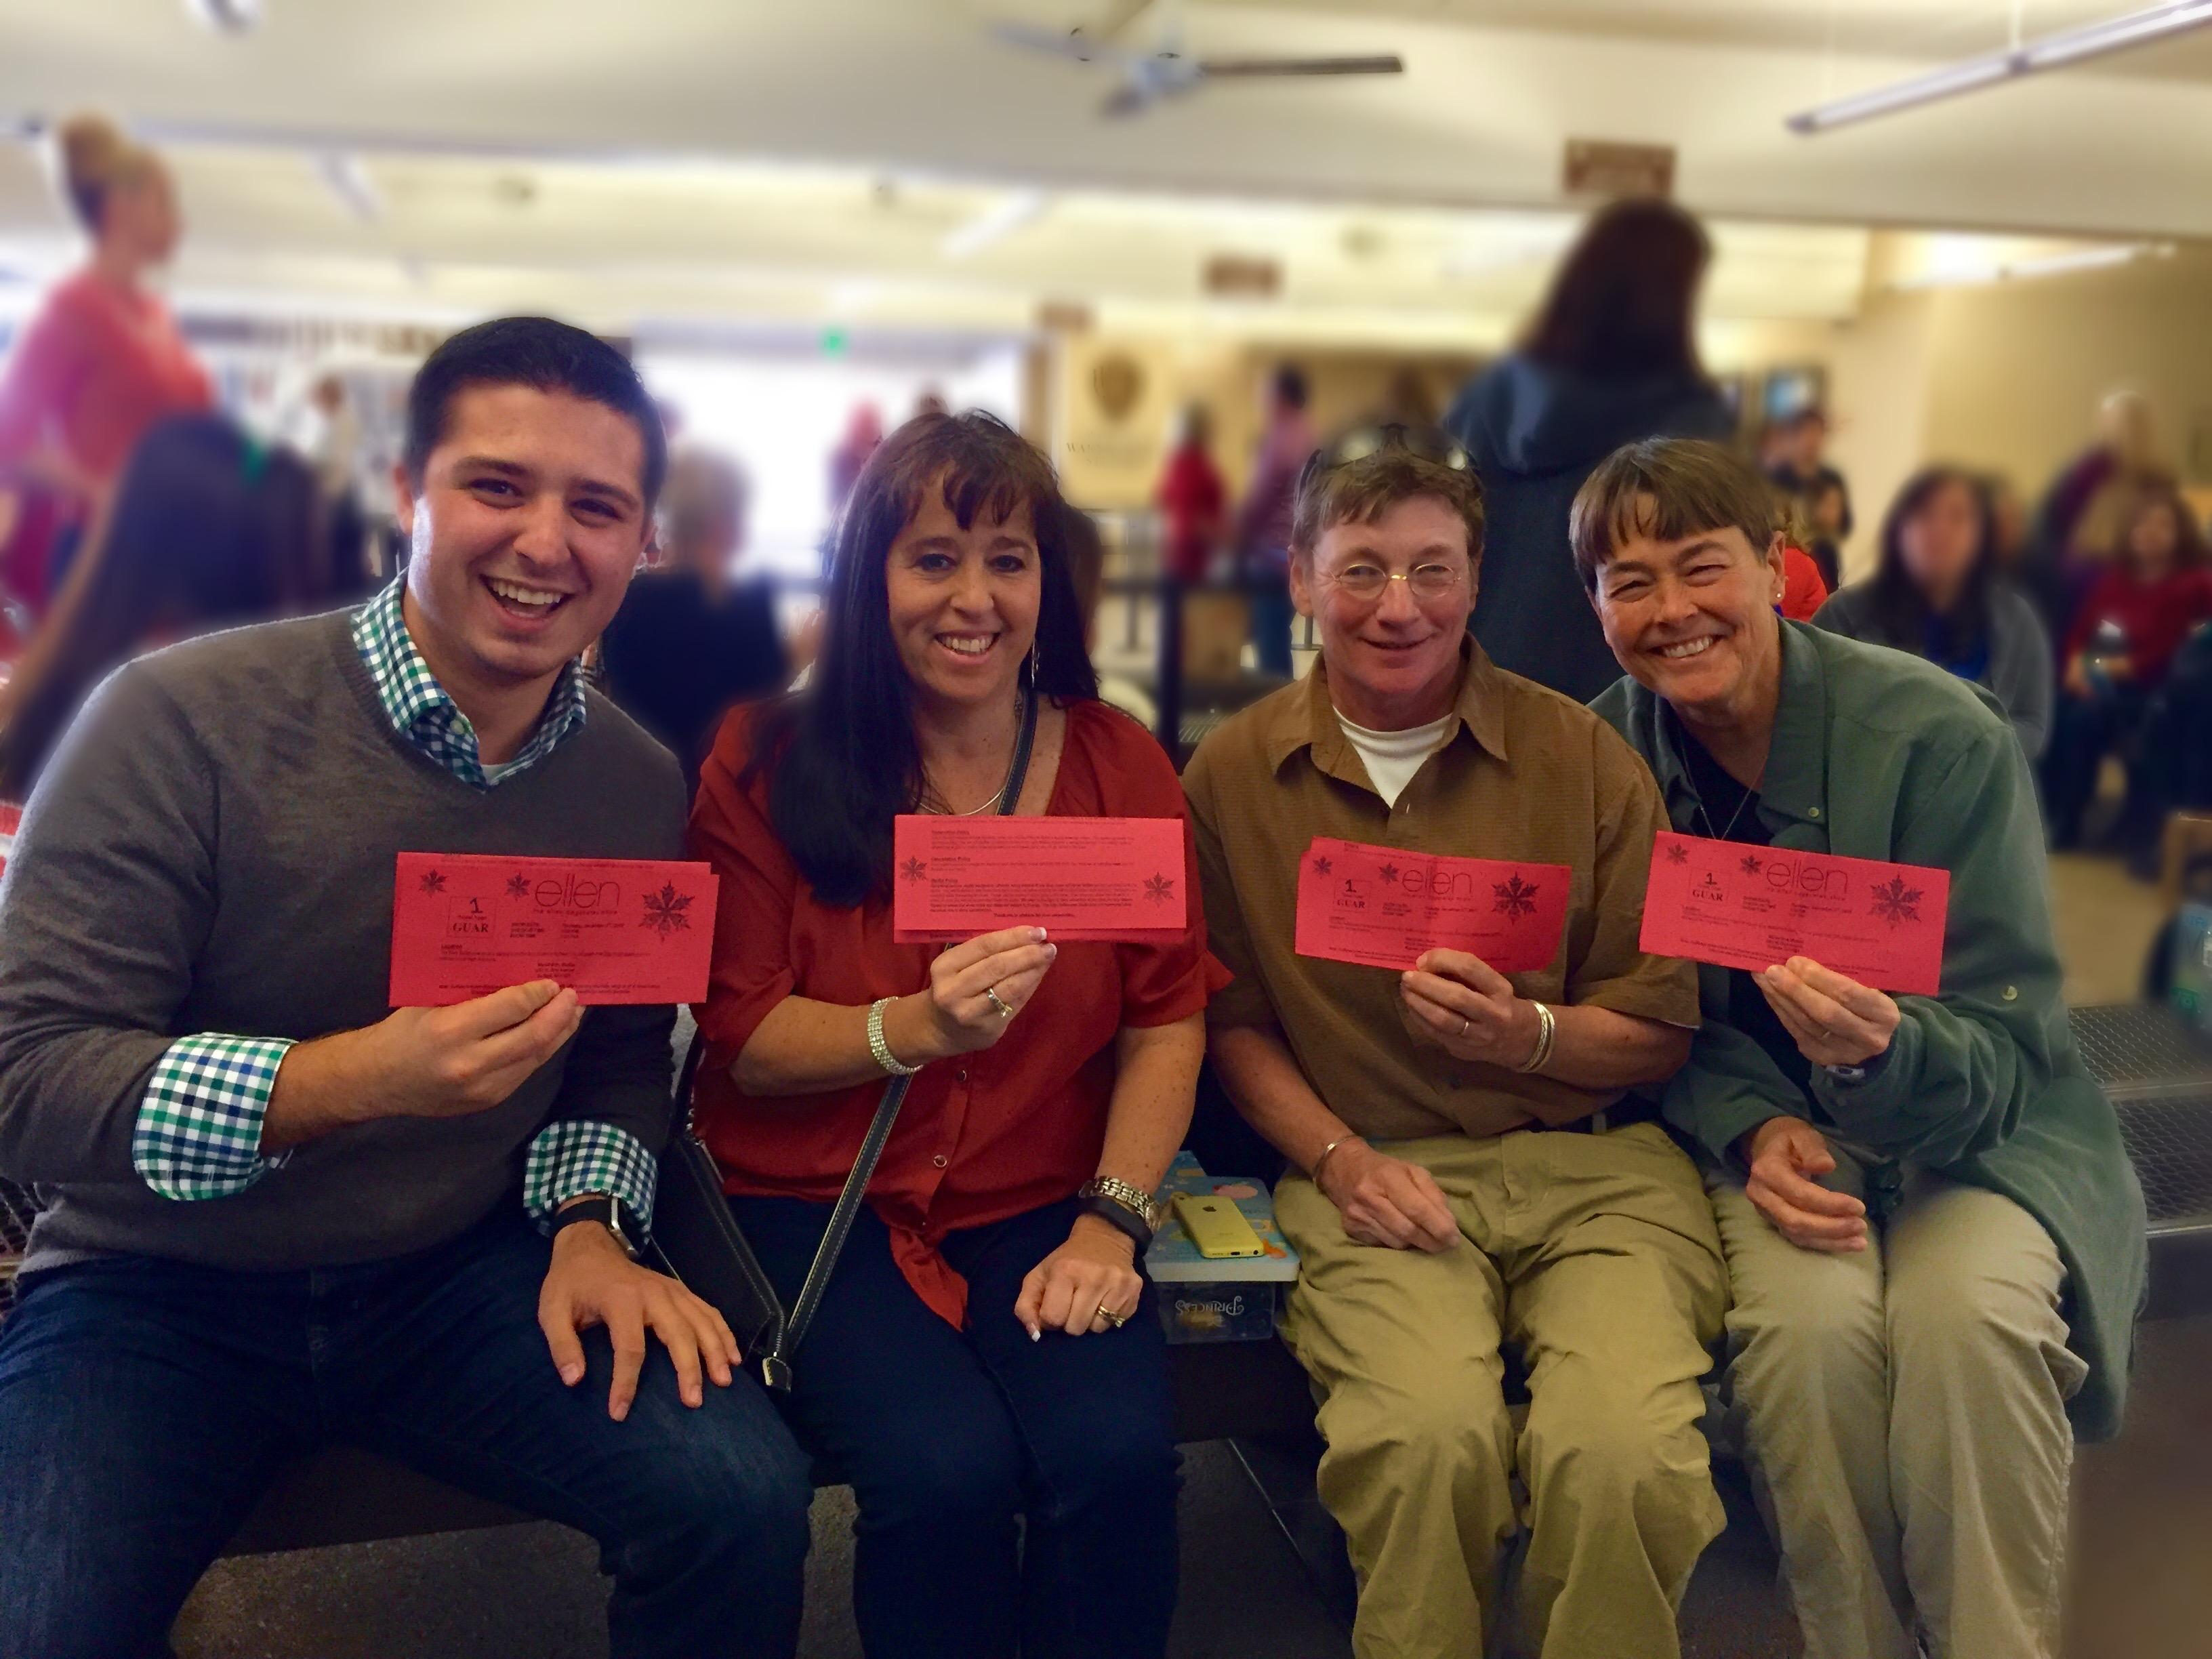 12 days giveaways ellen prizes for teens